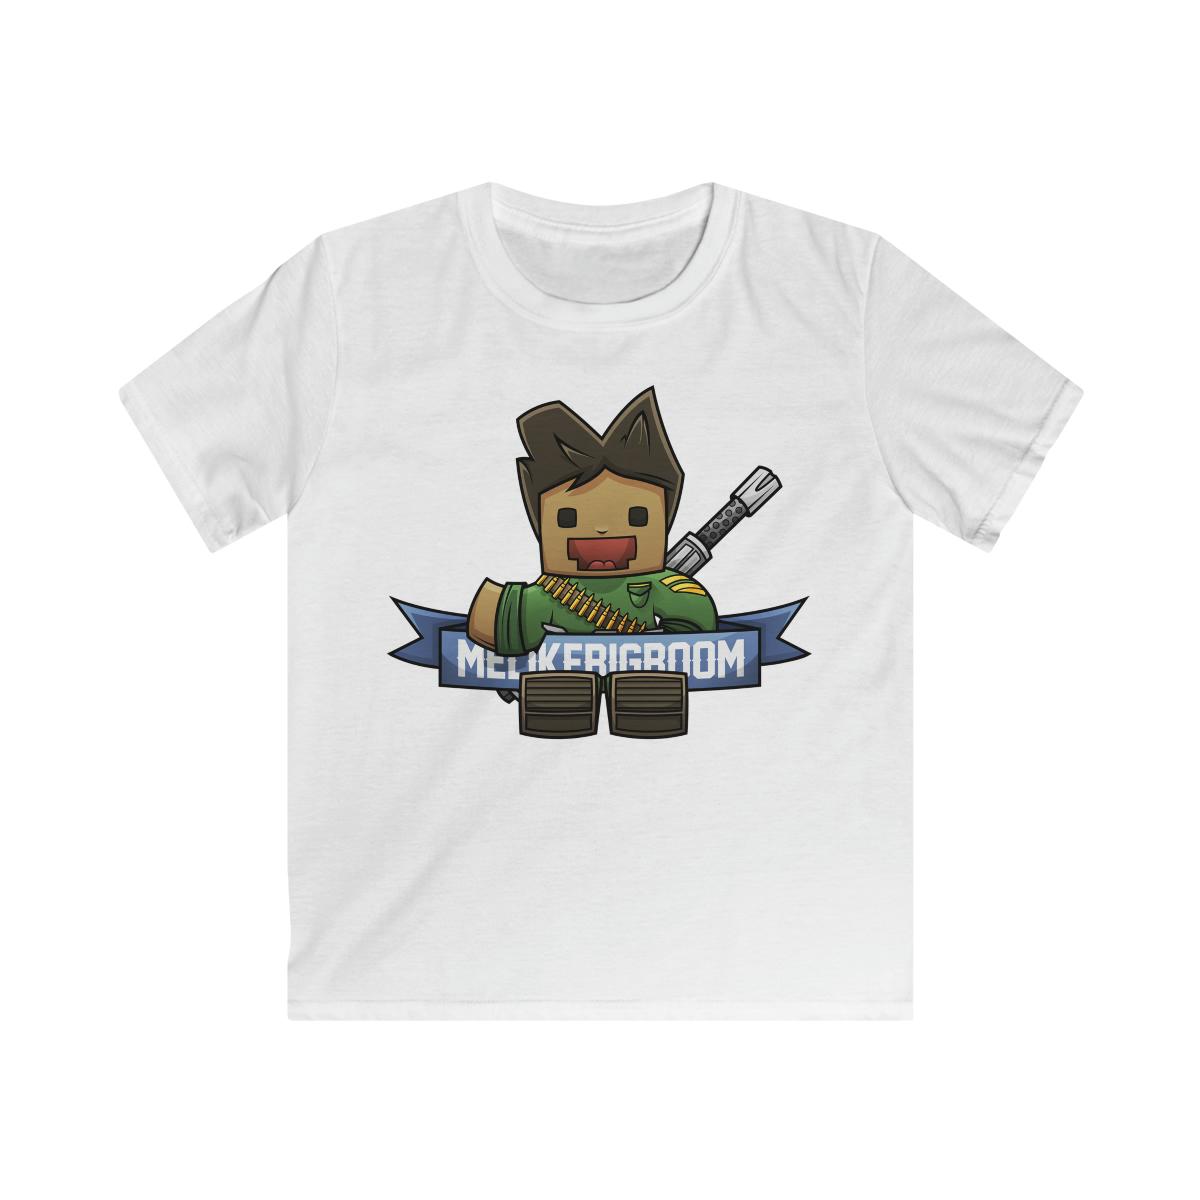 KIDS MLBB Character T-Shirt